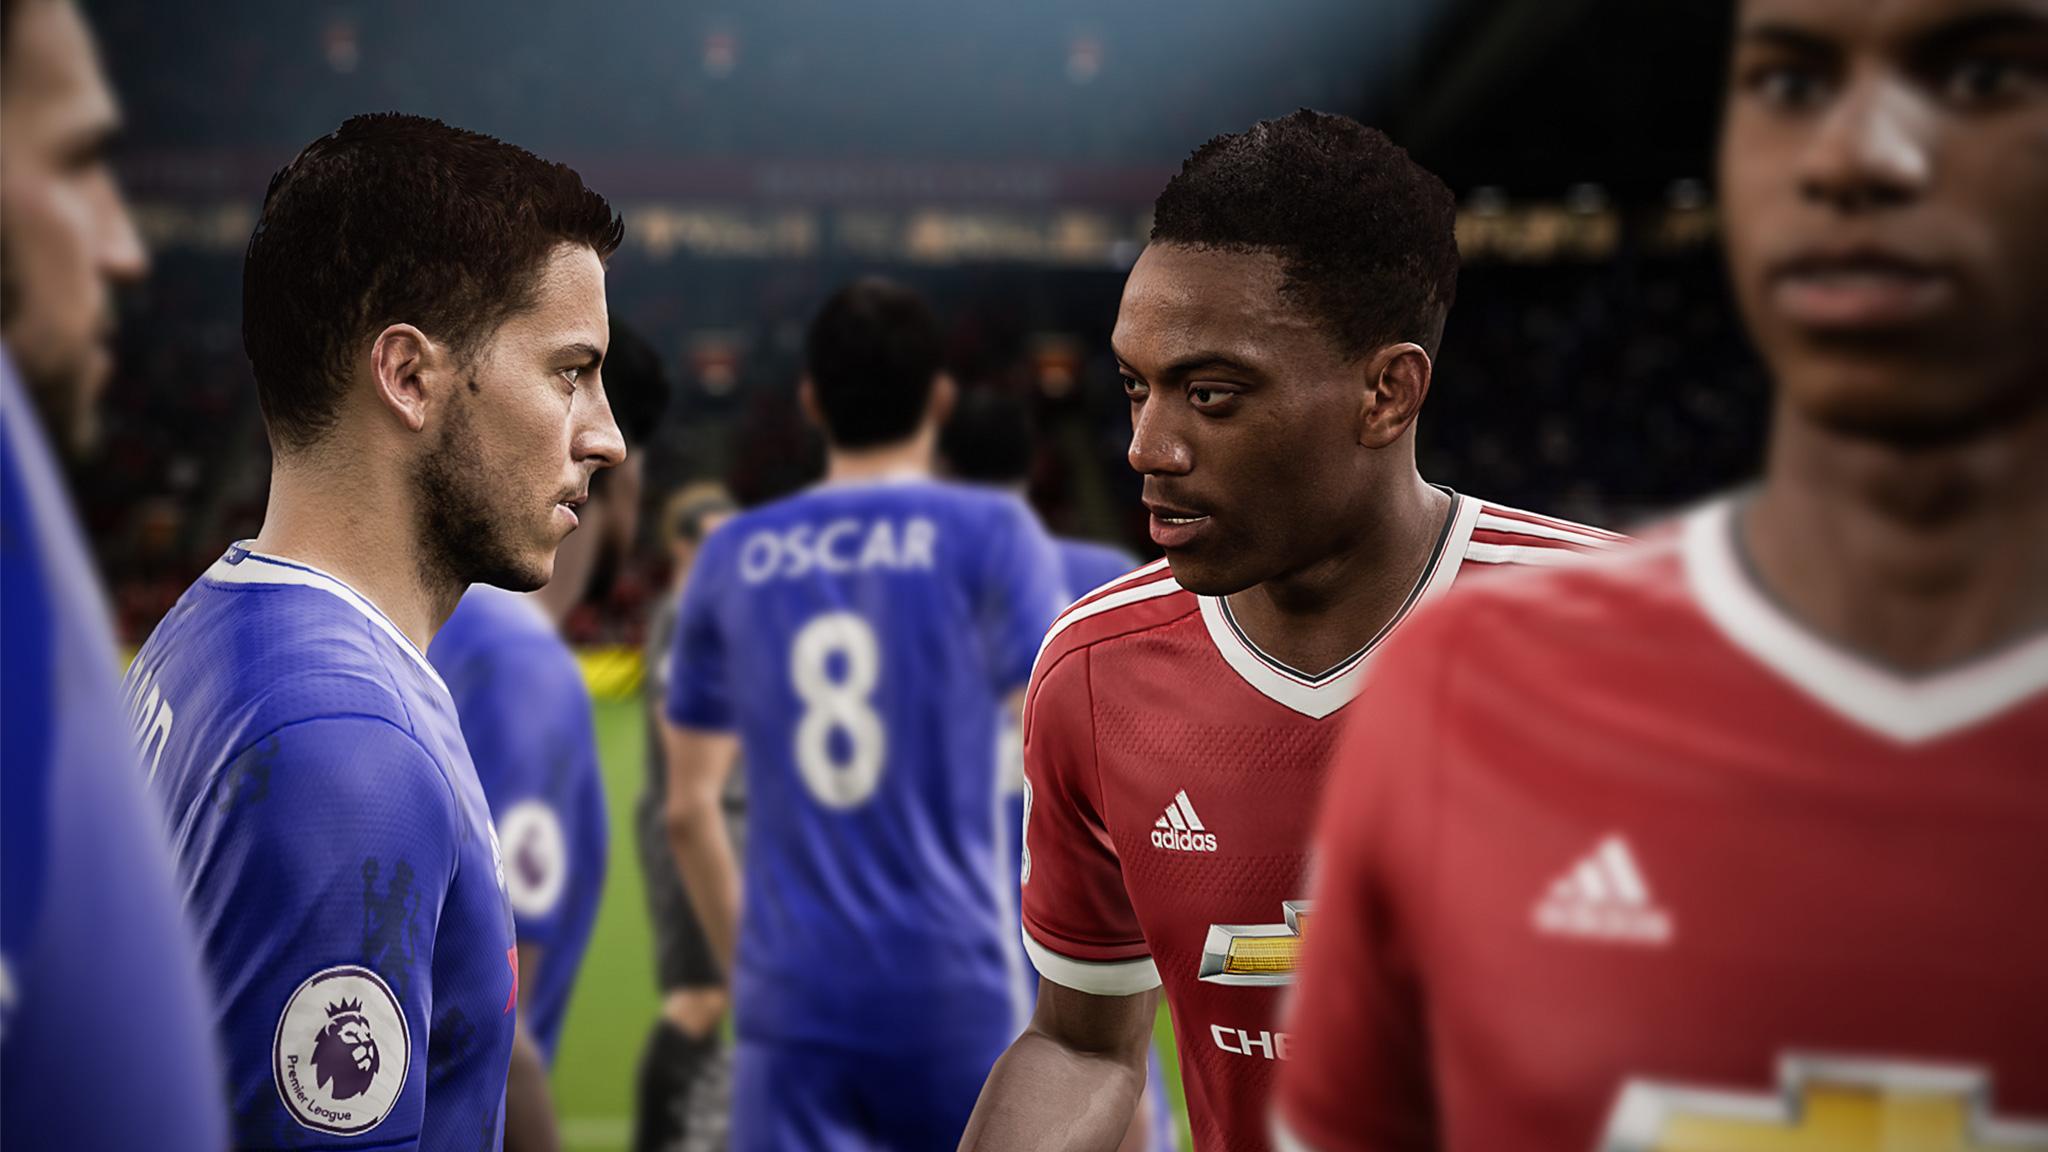 FIFA или PES: Что лучше среди футбольных симуляторов